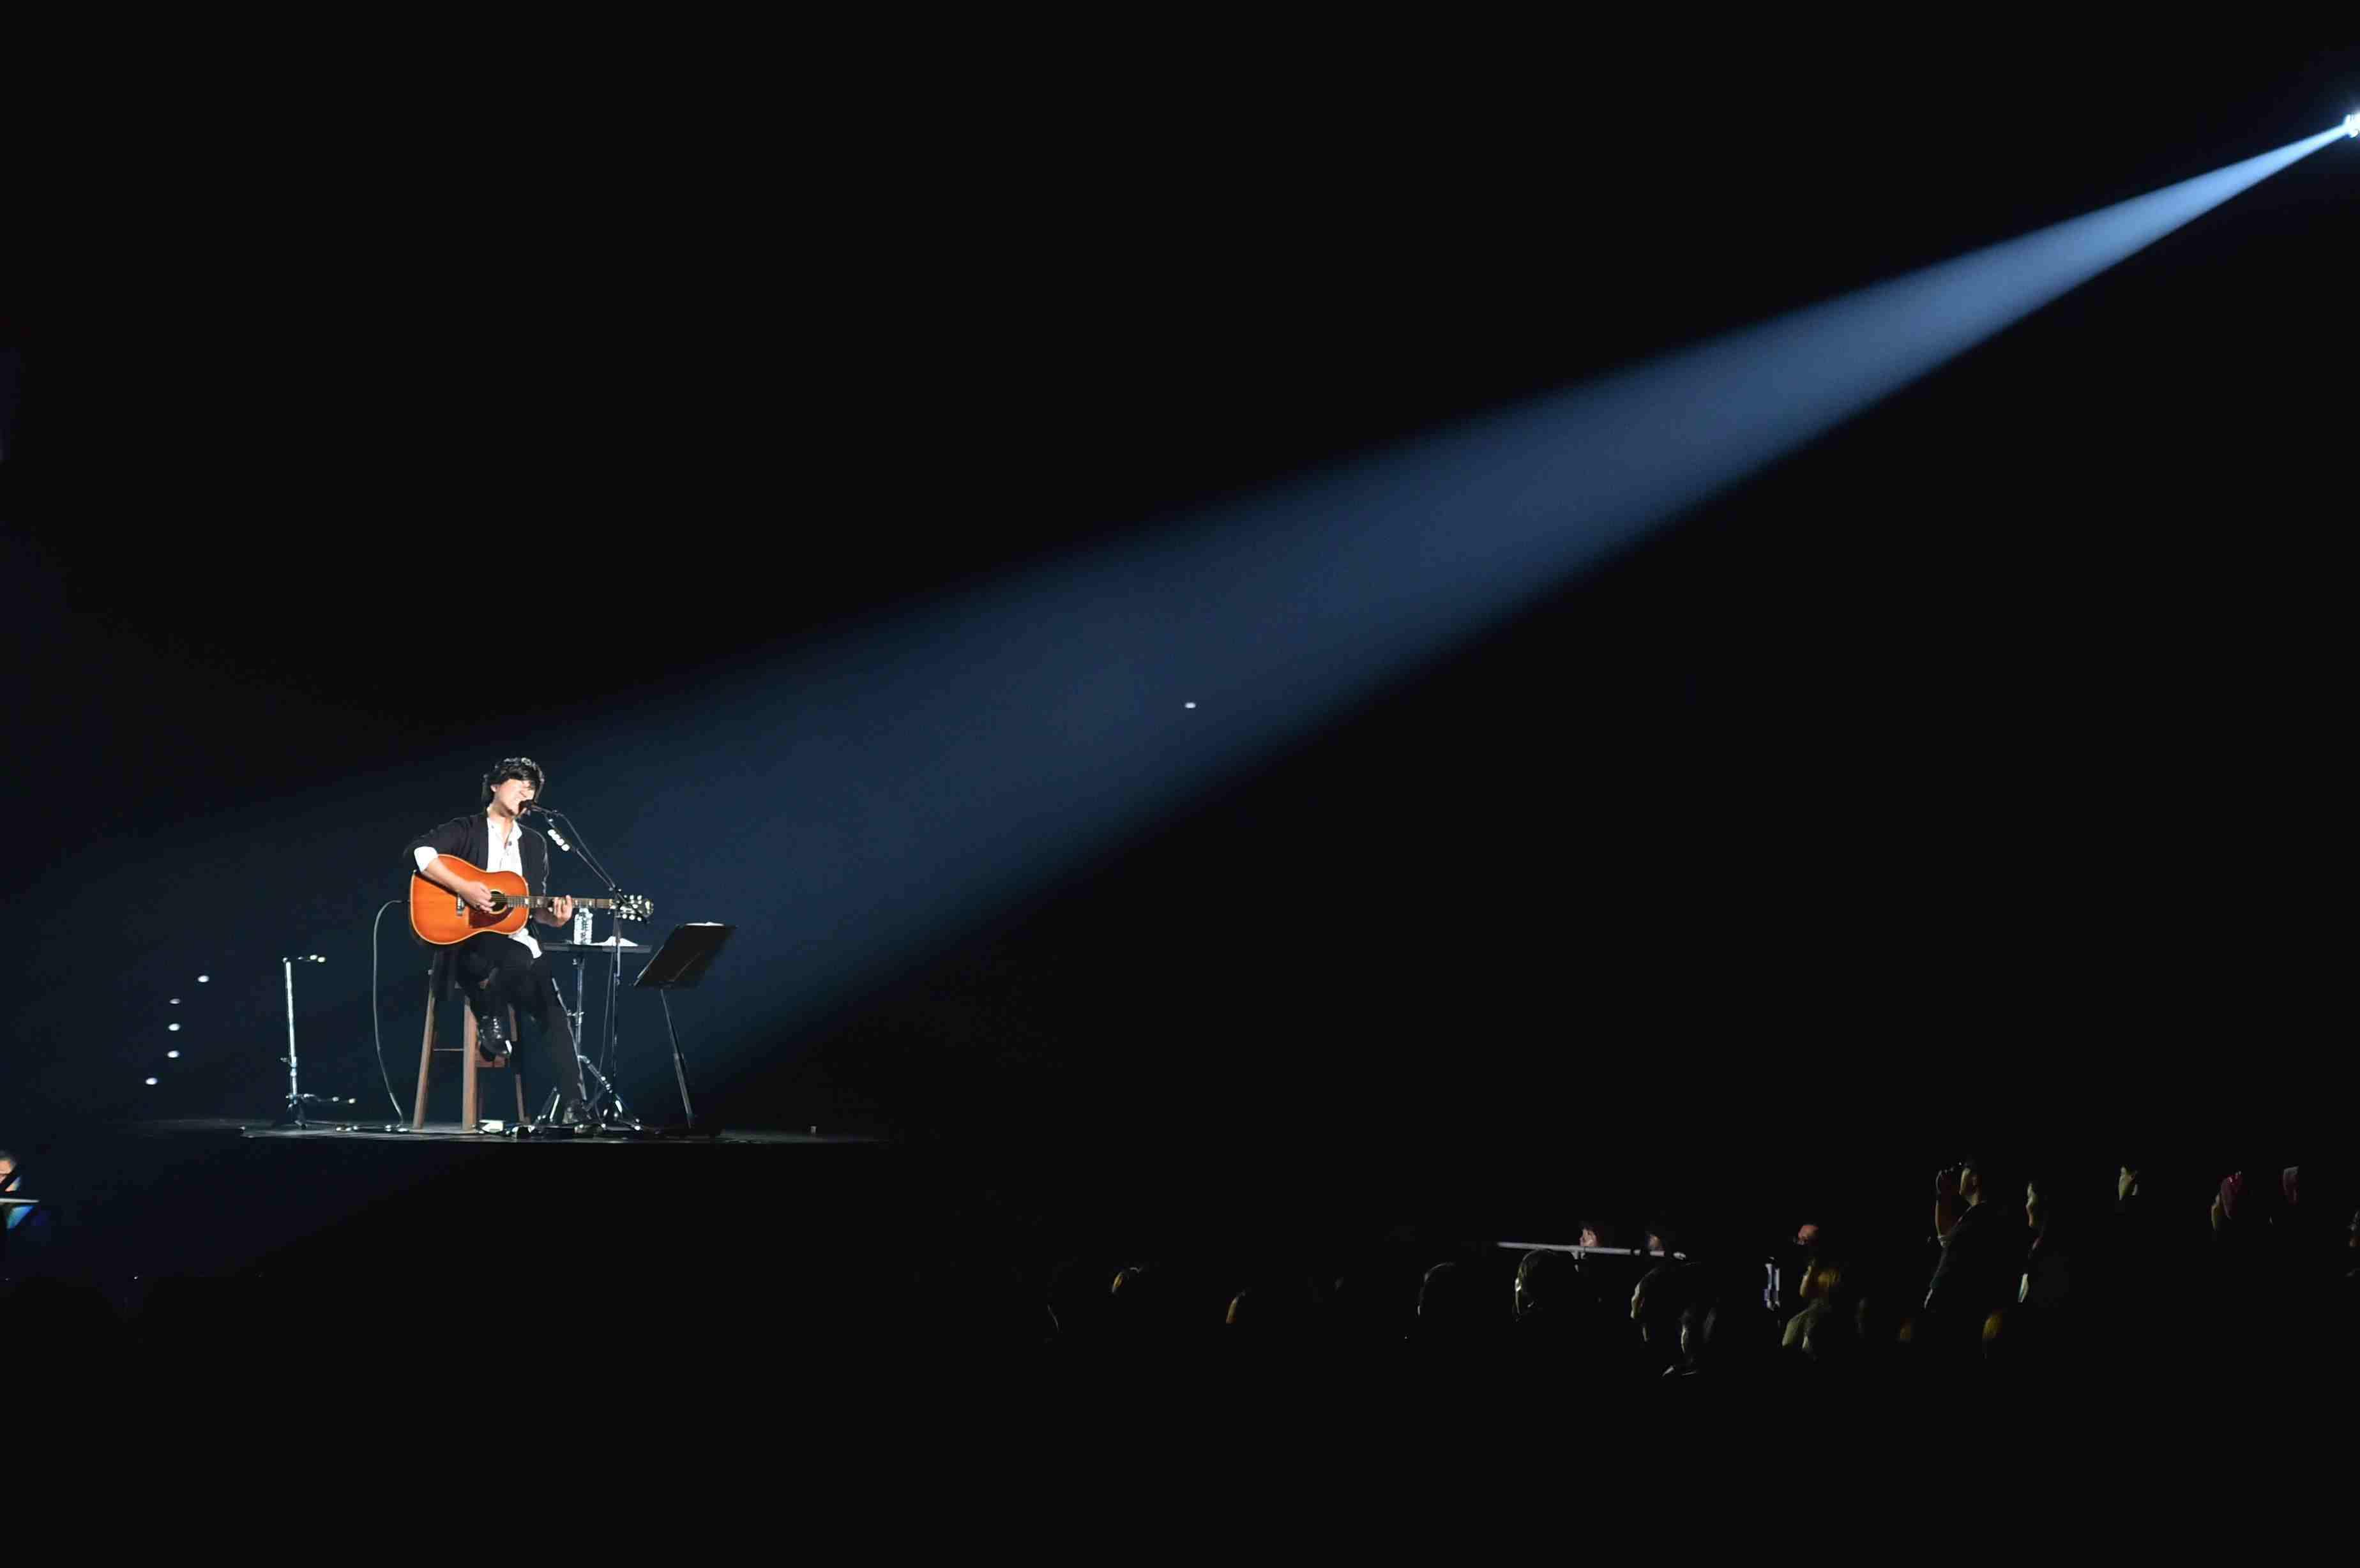 新規会員登録秦 基博がデビュー10周年記念アリーナツアー完遂! 来年5月に自身初の横浜スタジアムでワンマン